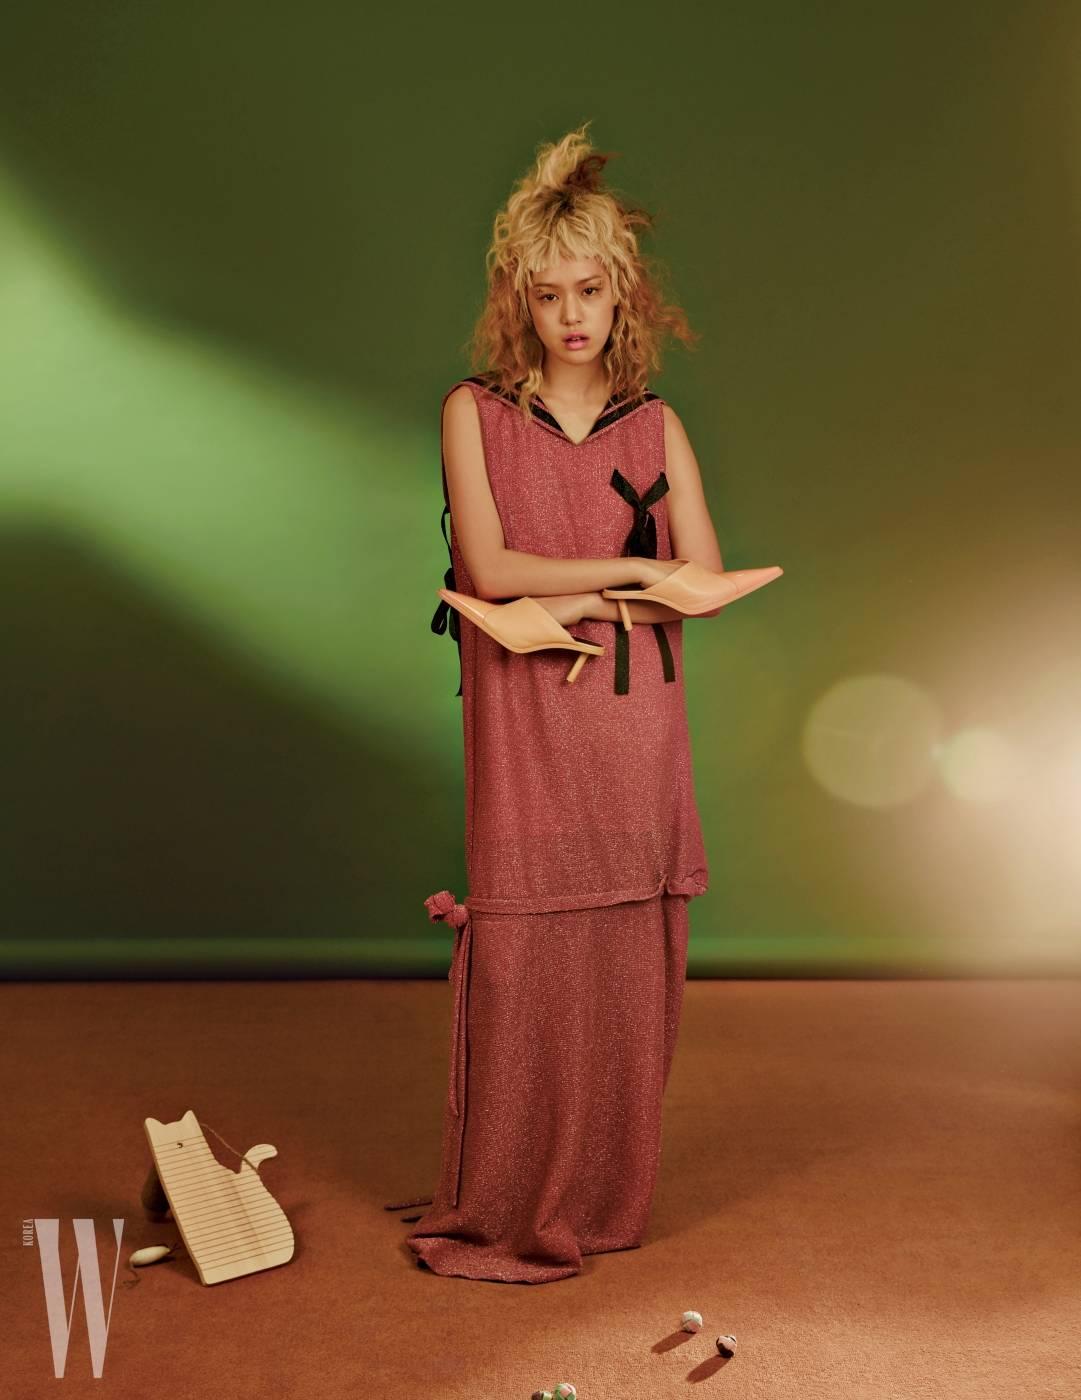 반짝이는 롱 드레스는 더스튜디오 케이 제품. 가격 미정. 키튼힐 장식 뮬은 셀린 제품. 가격 미정.